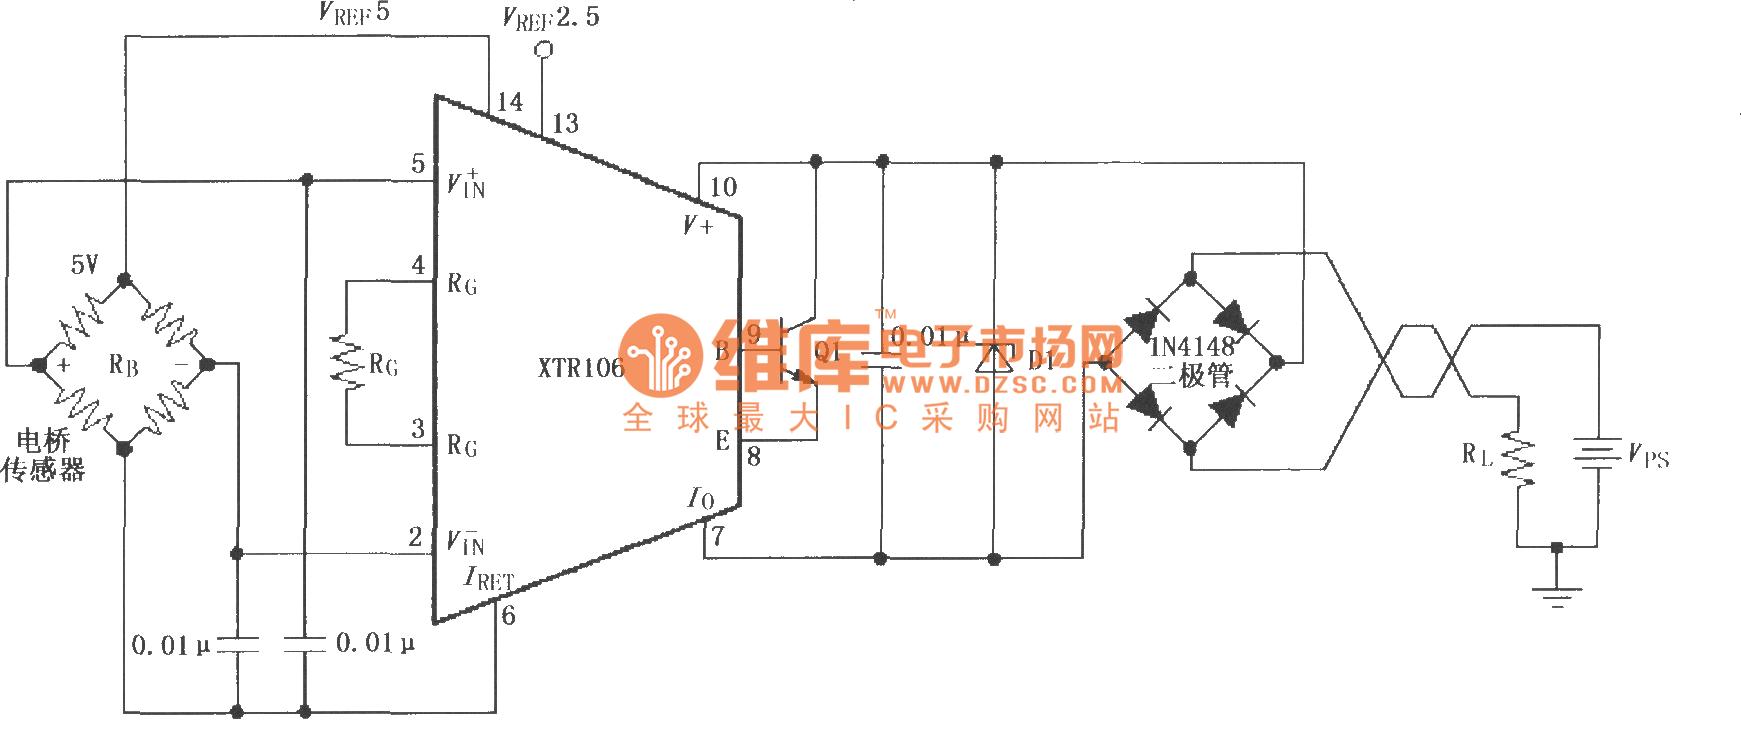 【图】反向电压和浪涌过电压保护电路(xtr106)电流环